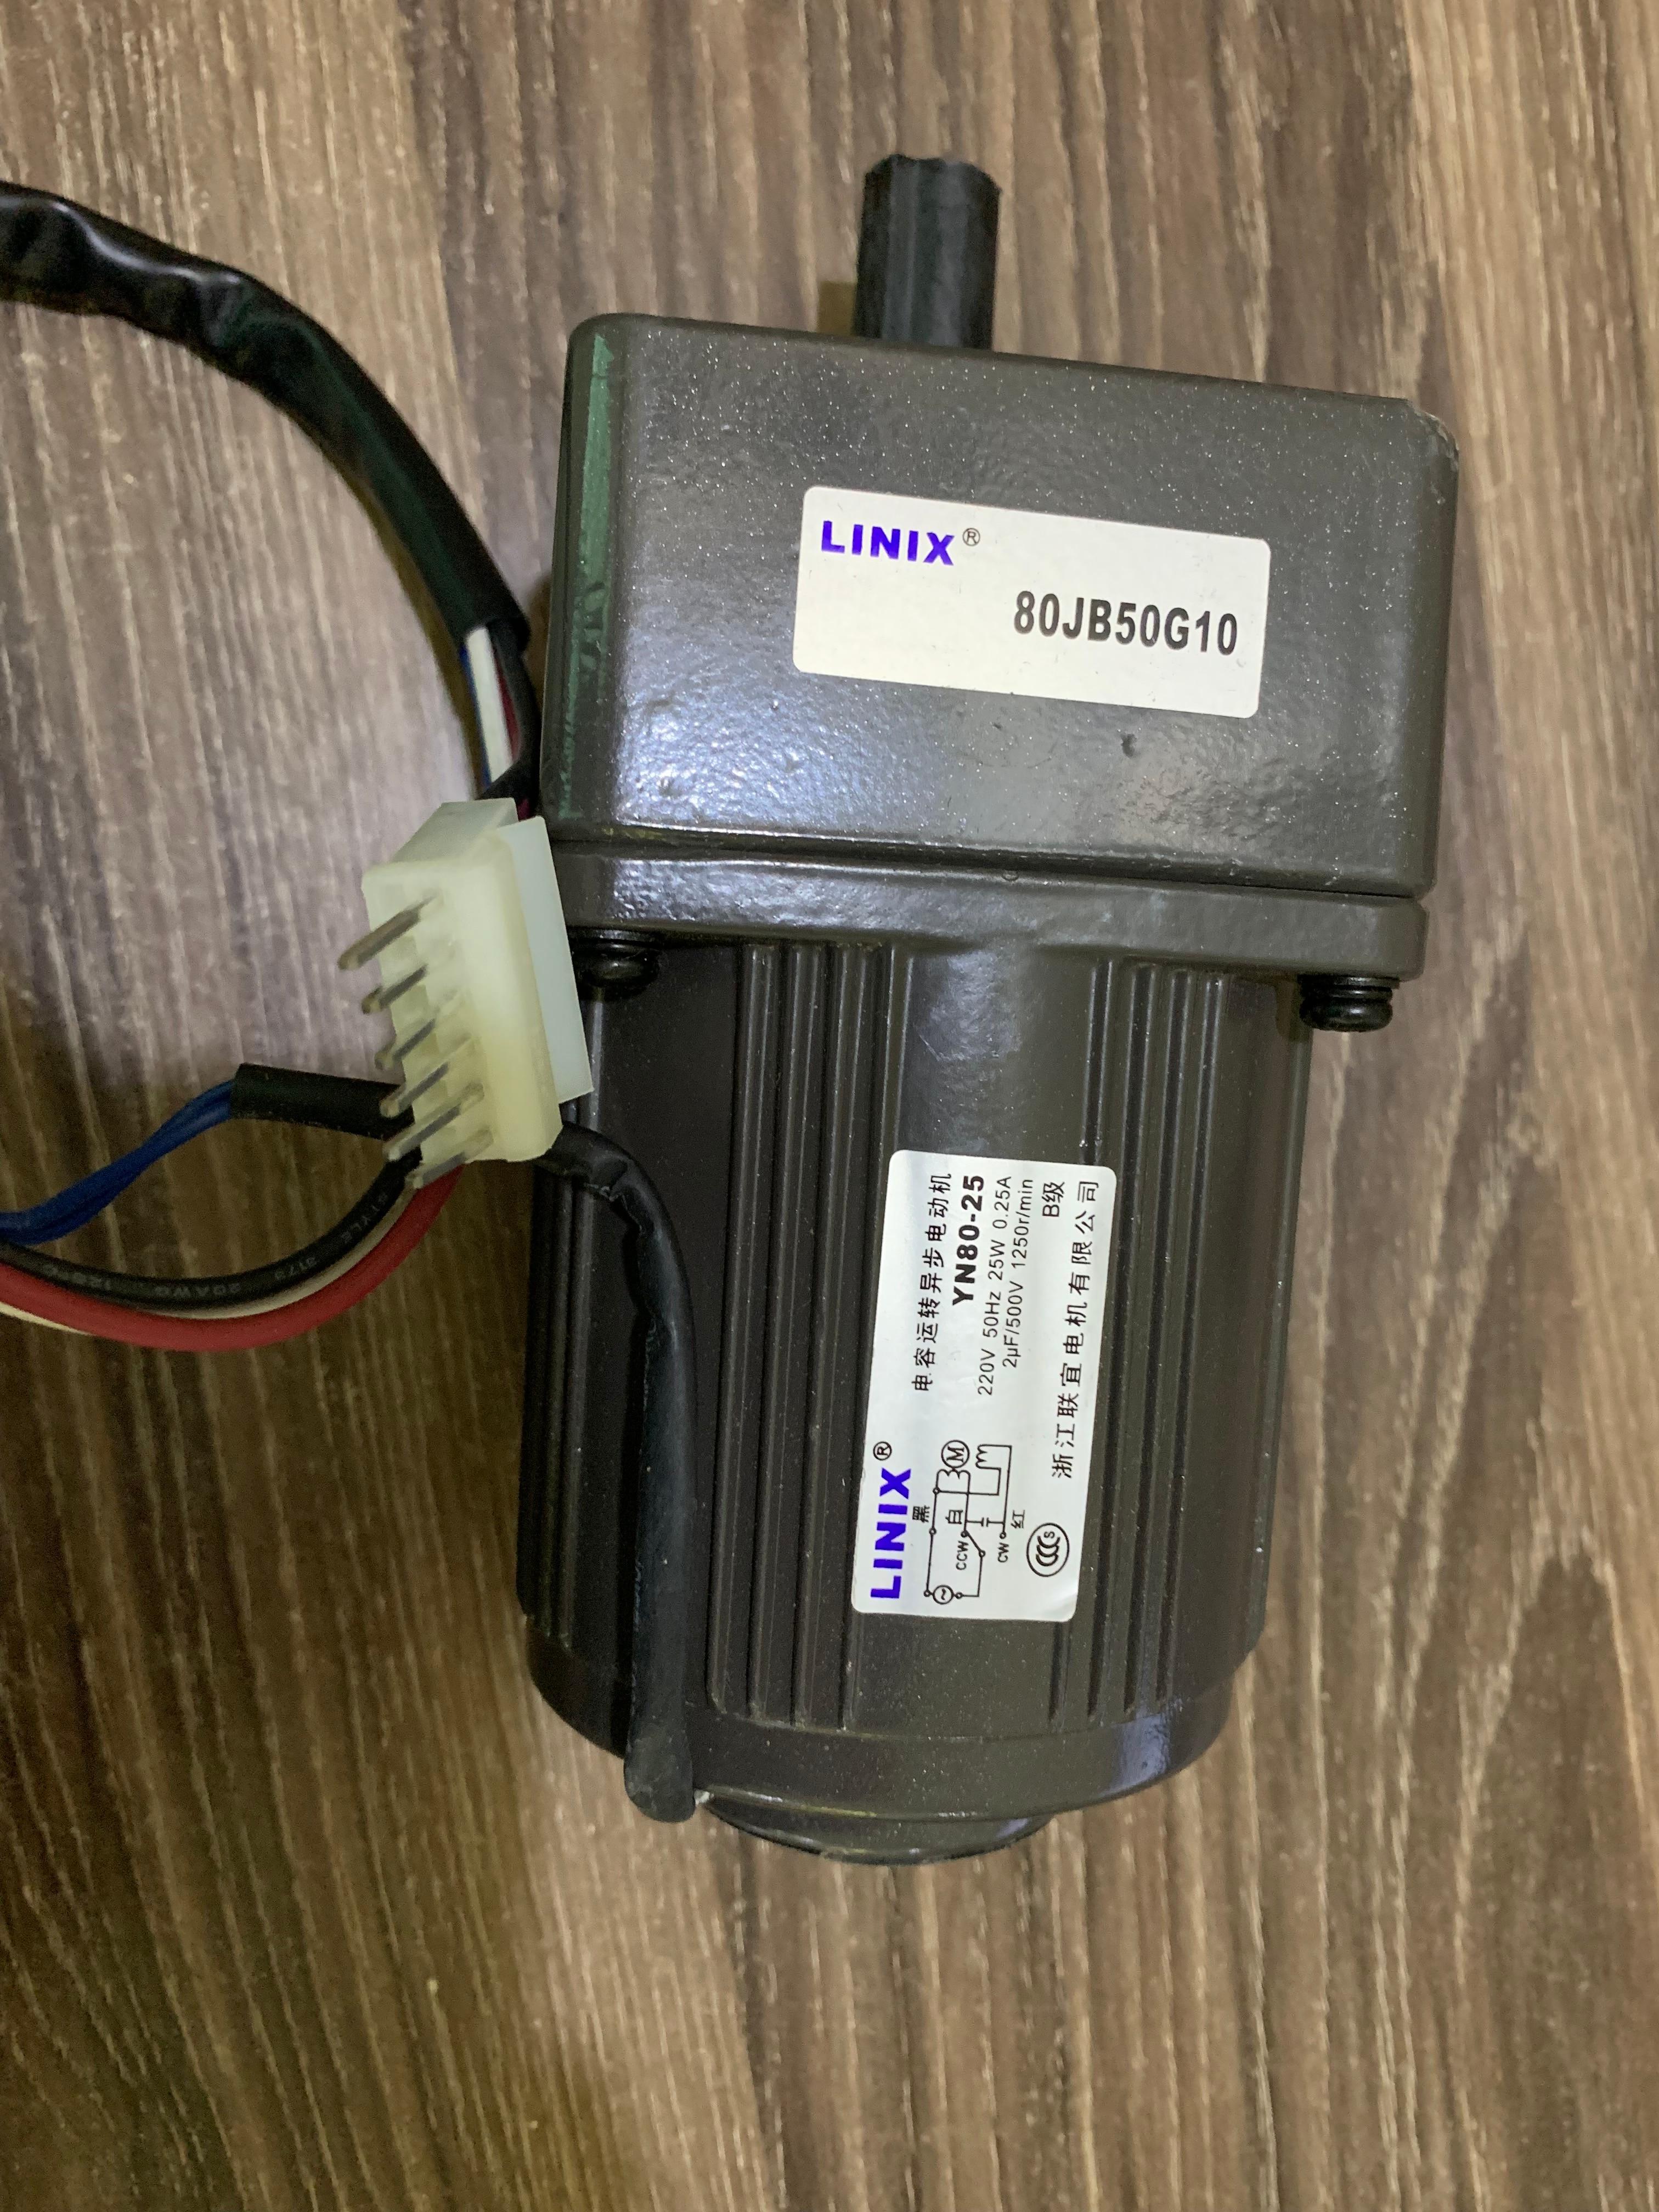 5 lines Adjustable speed Deceleration DC Motor LINIX Motor DC Gear Motor   YN80-25 80JB50G10 new original